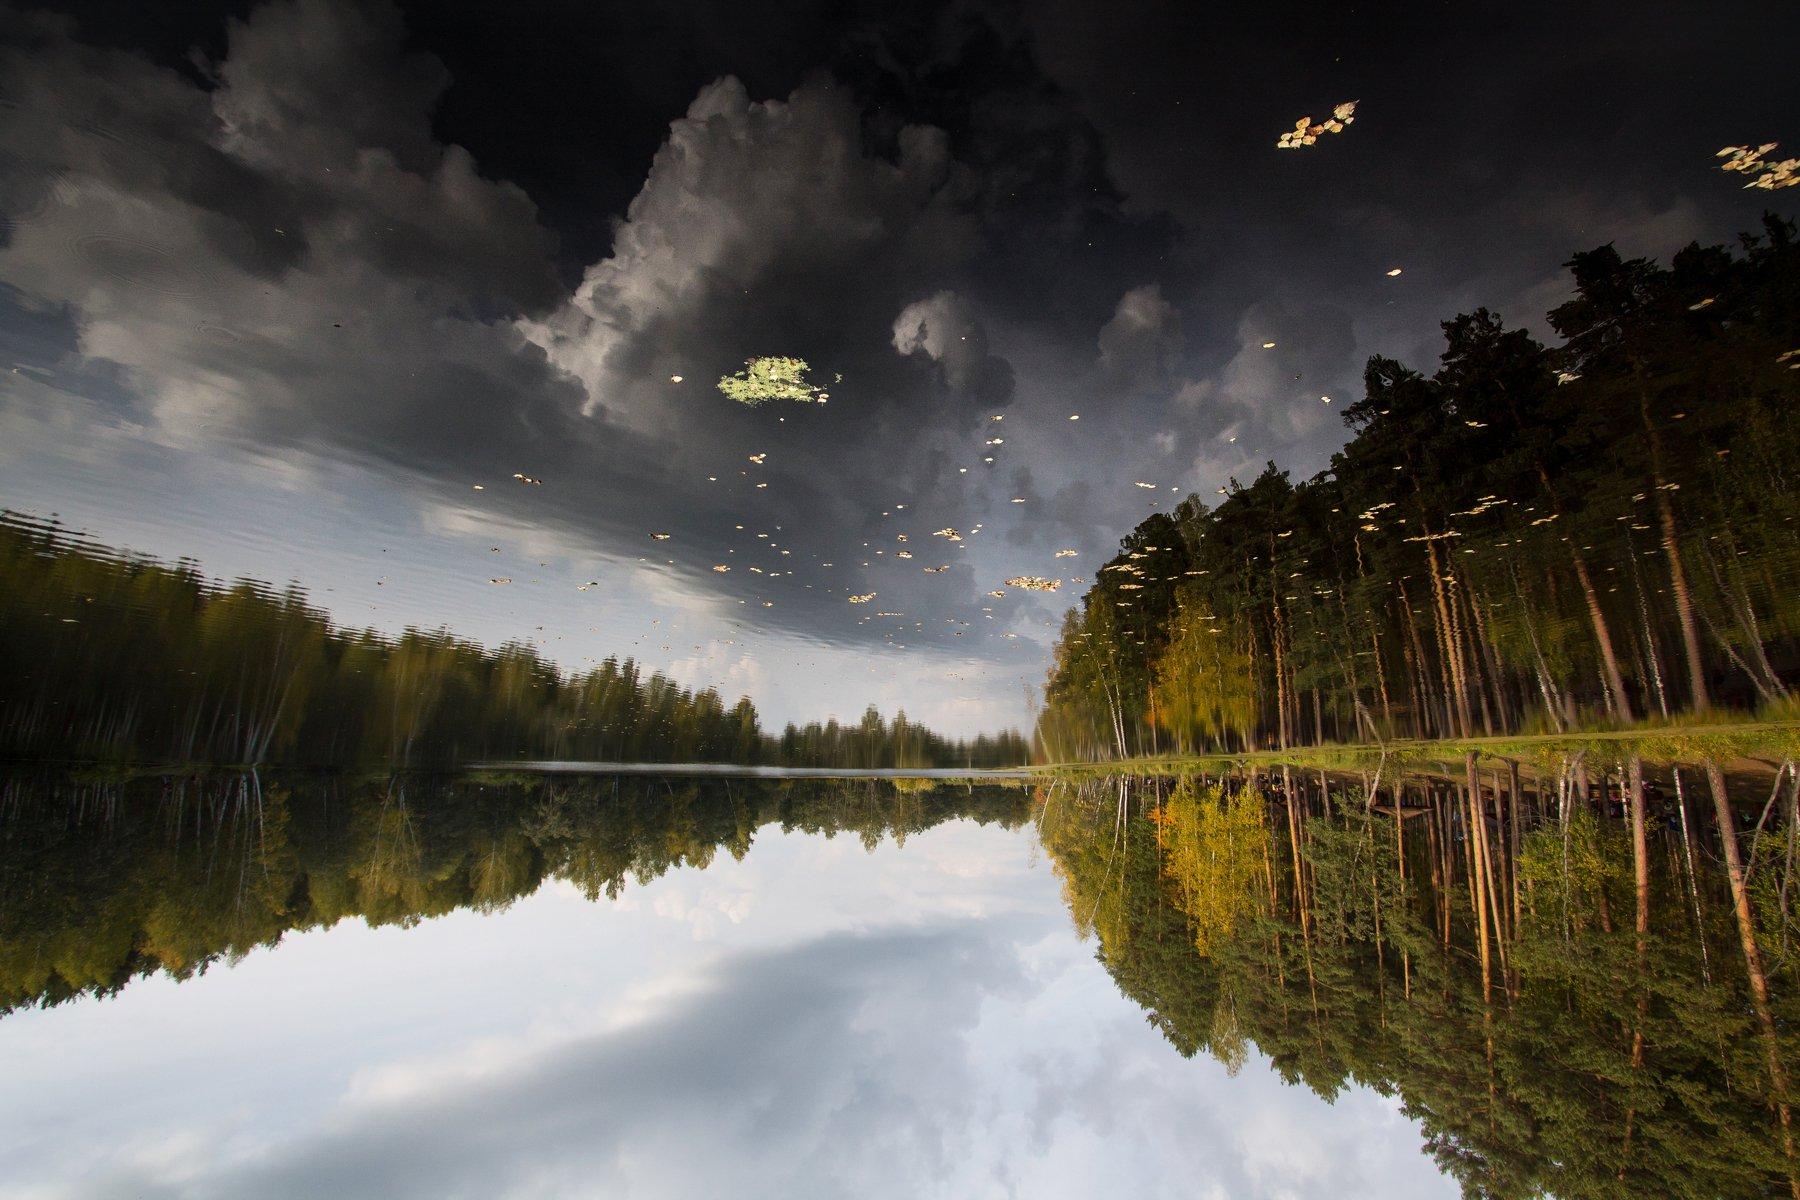 озеро, отражение, вода, лес, деревья, осень, небо, облака, Sergey Garifullin